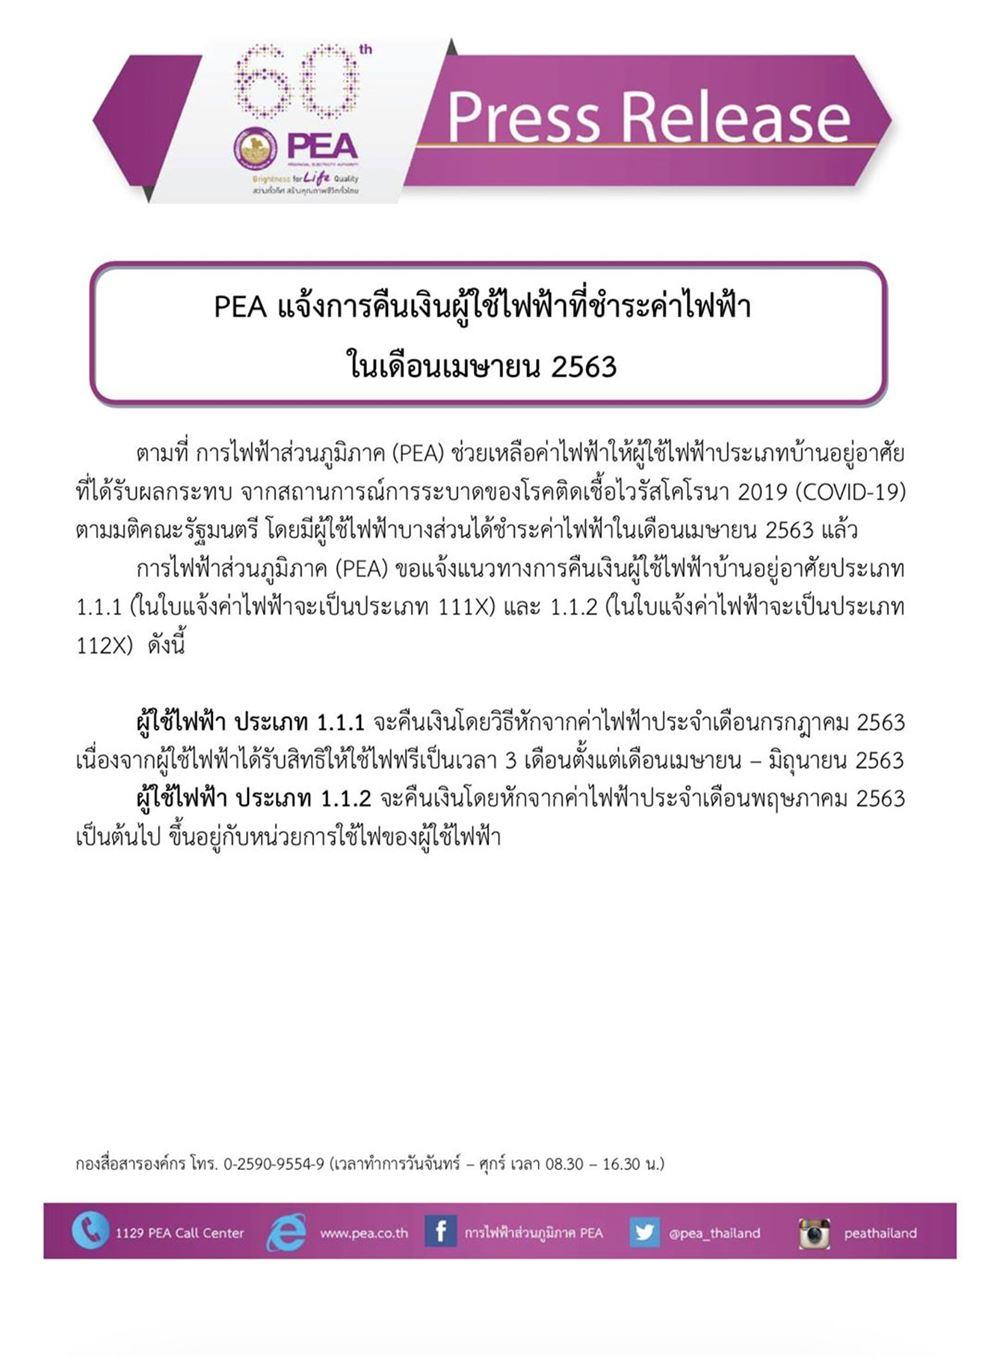 การไฟฟ้าส่วนภูมิภาค (PEA) แจ้งการคืนเงินผู้ใช้ไฟฟ้าที่ชำระค่าไฟฟ้า ในเดือนเมษายน 2563